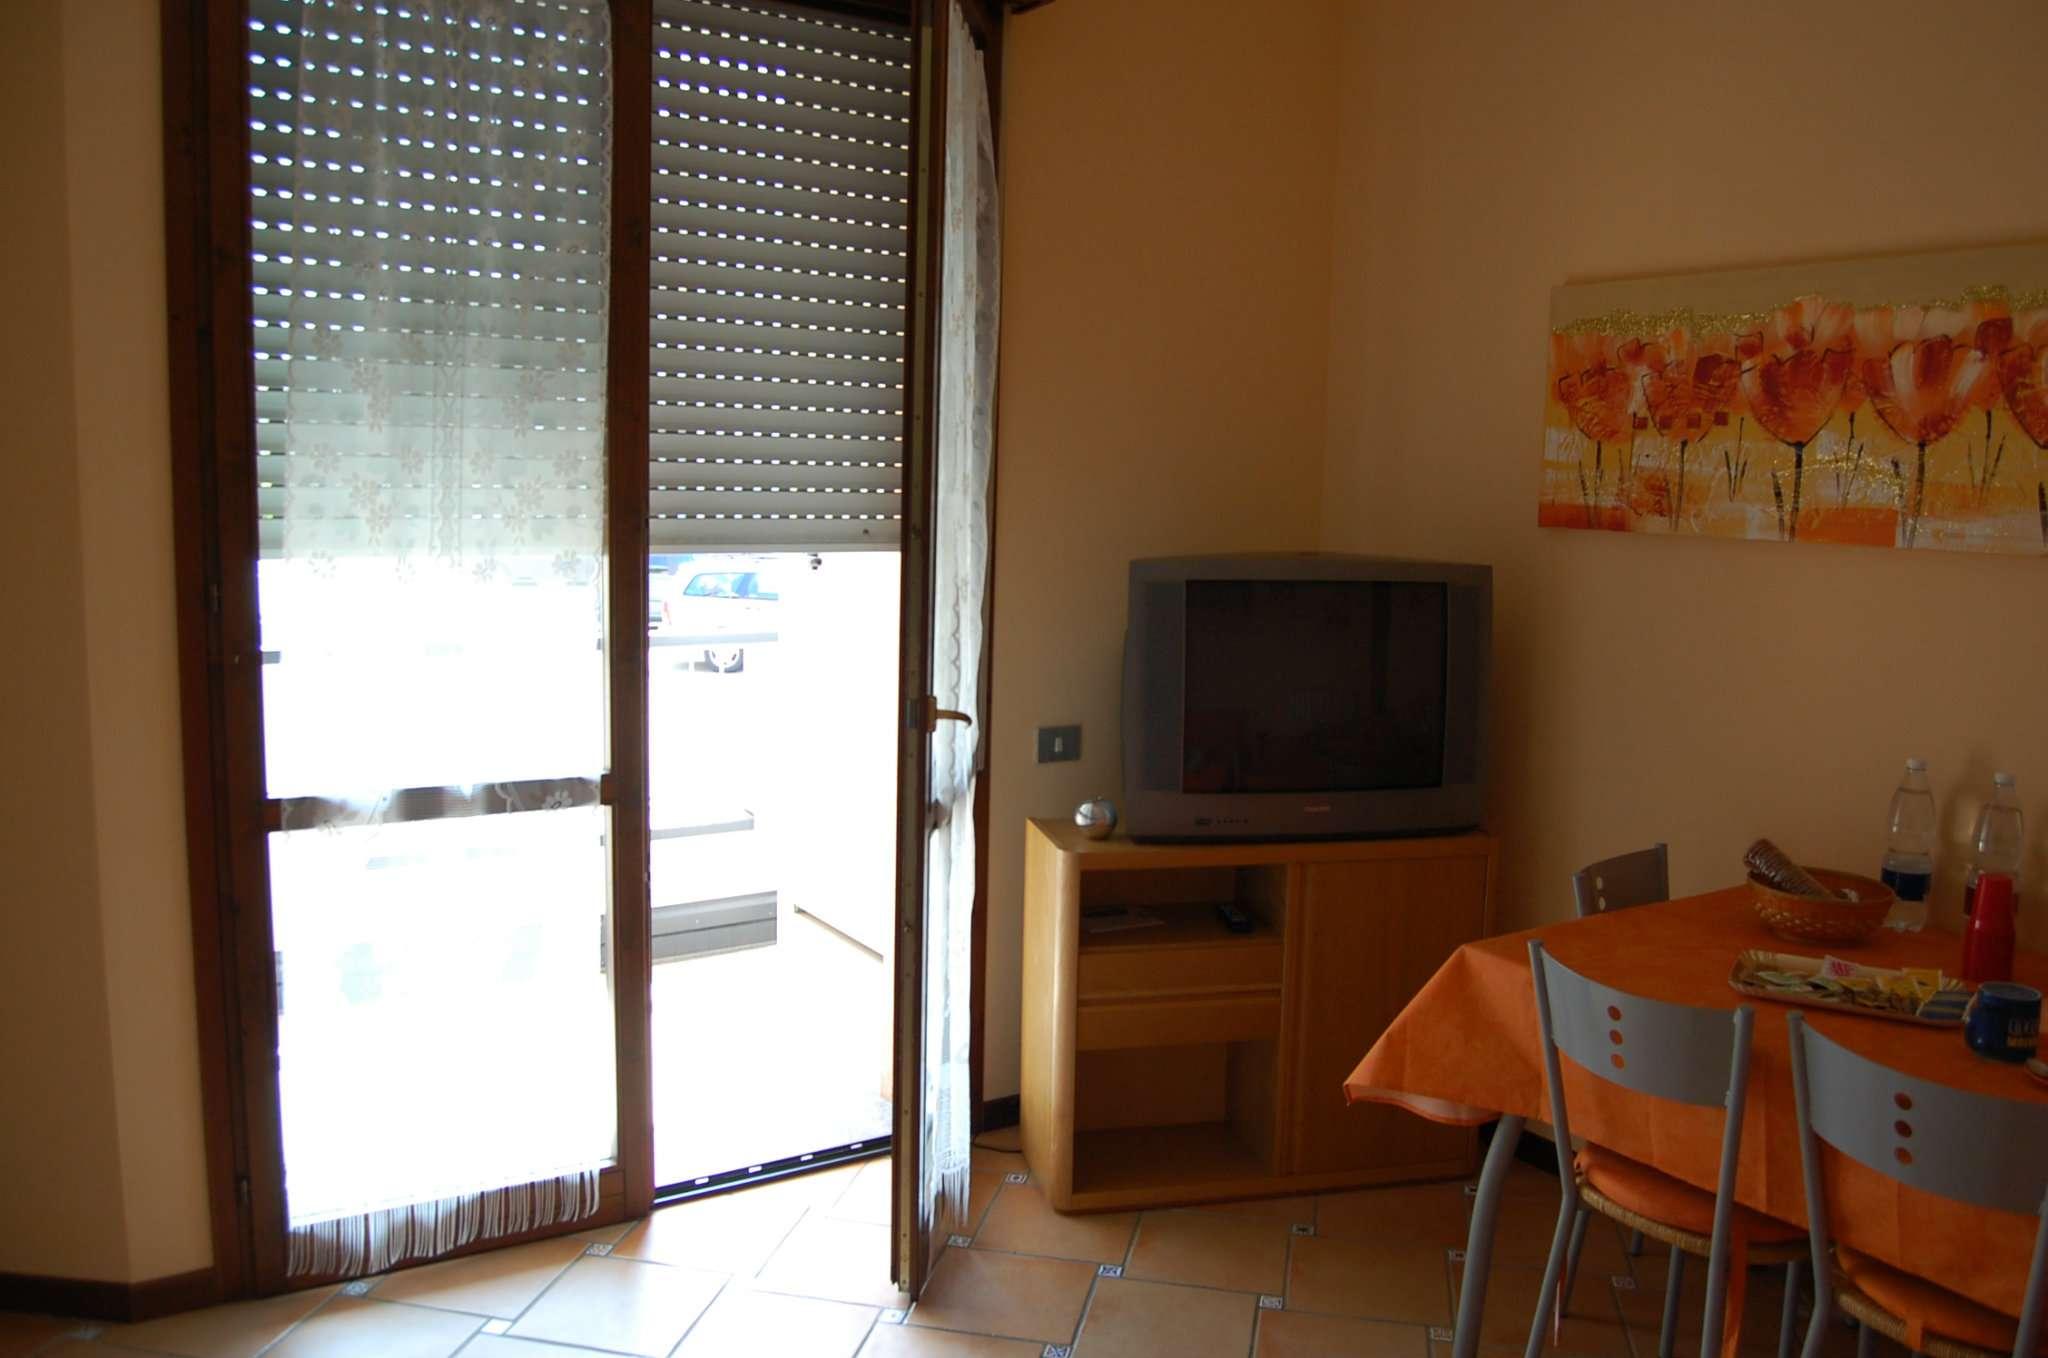 Appartamento in vendita a Imola, 2 locali, prezzo € 95.000 | CambioCasa.it